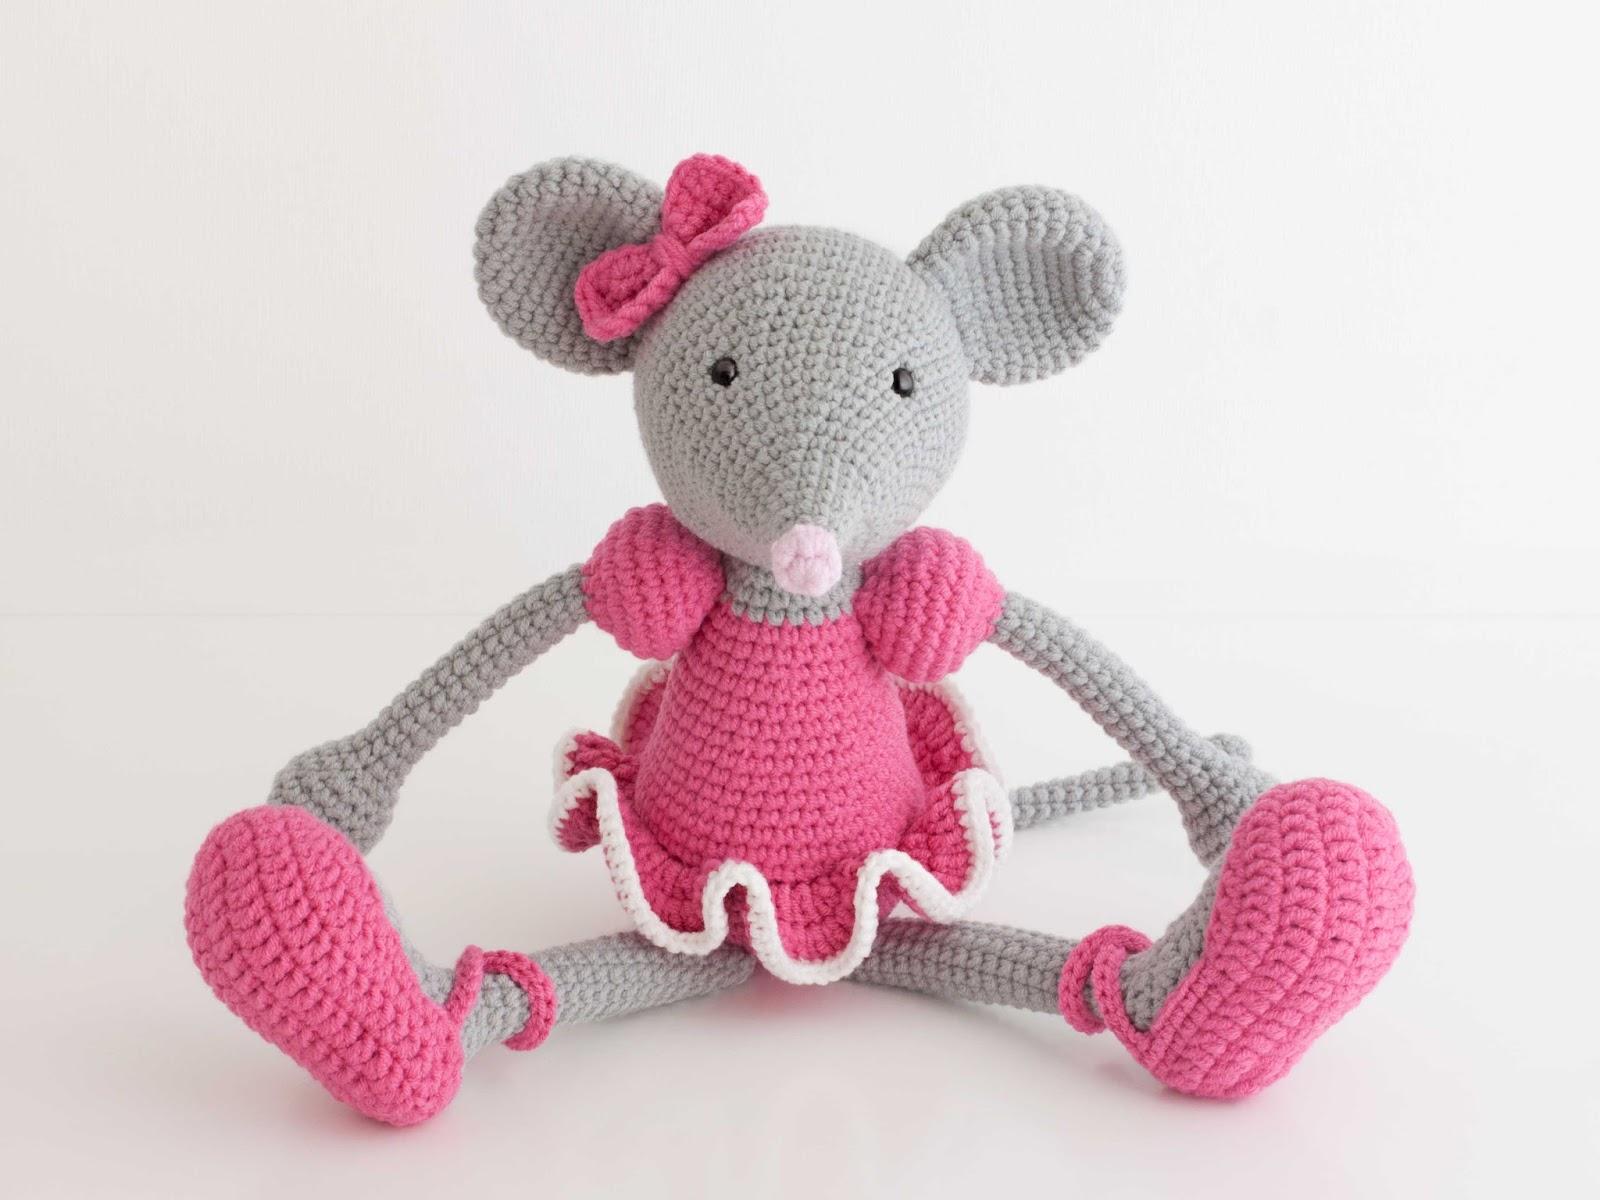 Amigurumi Conejo Paso A Paso : Perez mouse diy pattern amigurumi crochet free amigurumi mouse